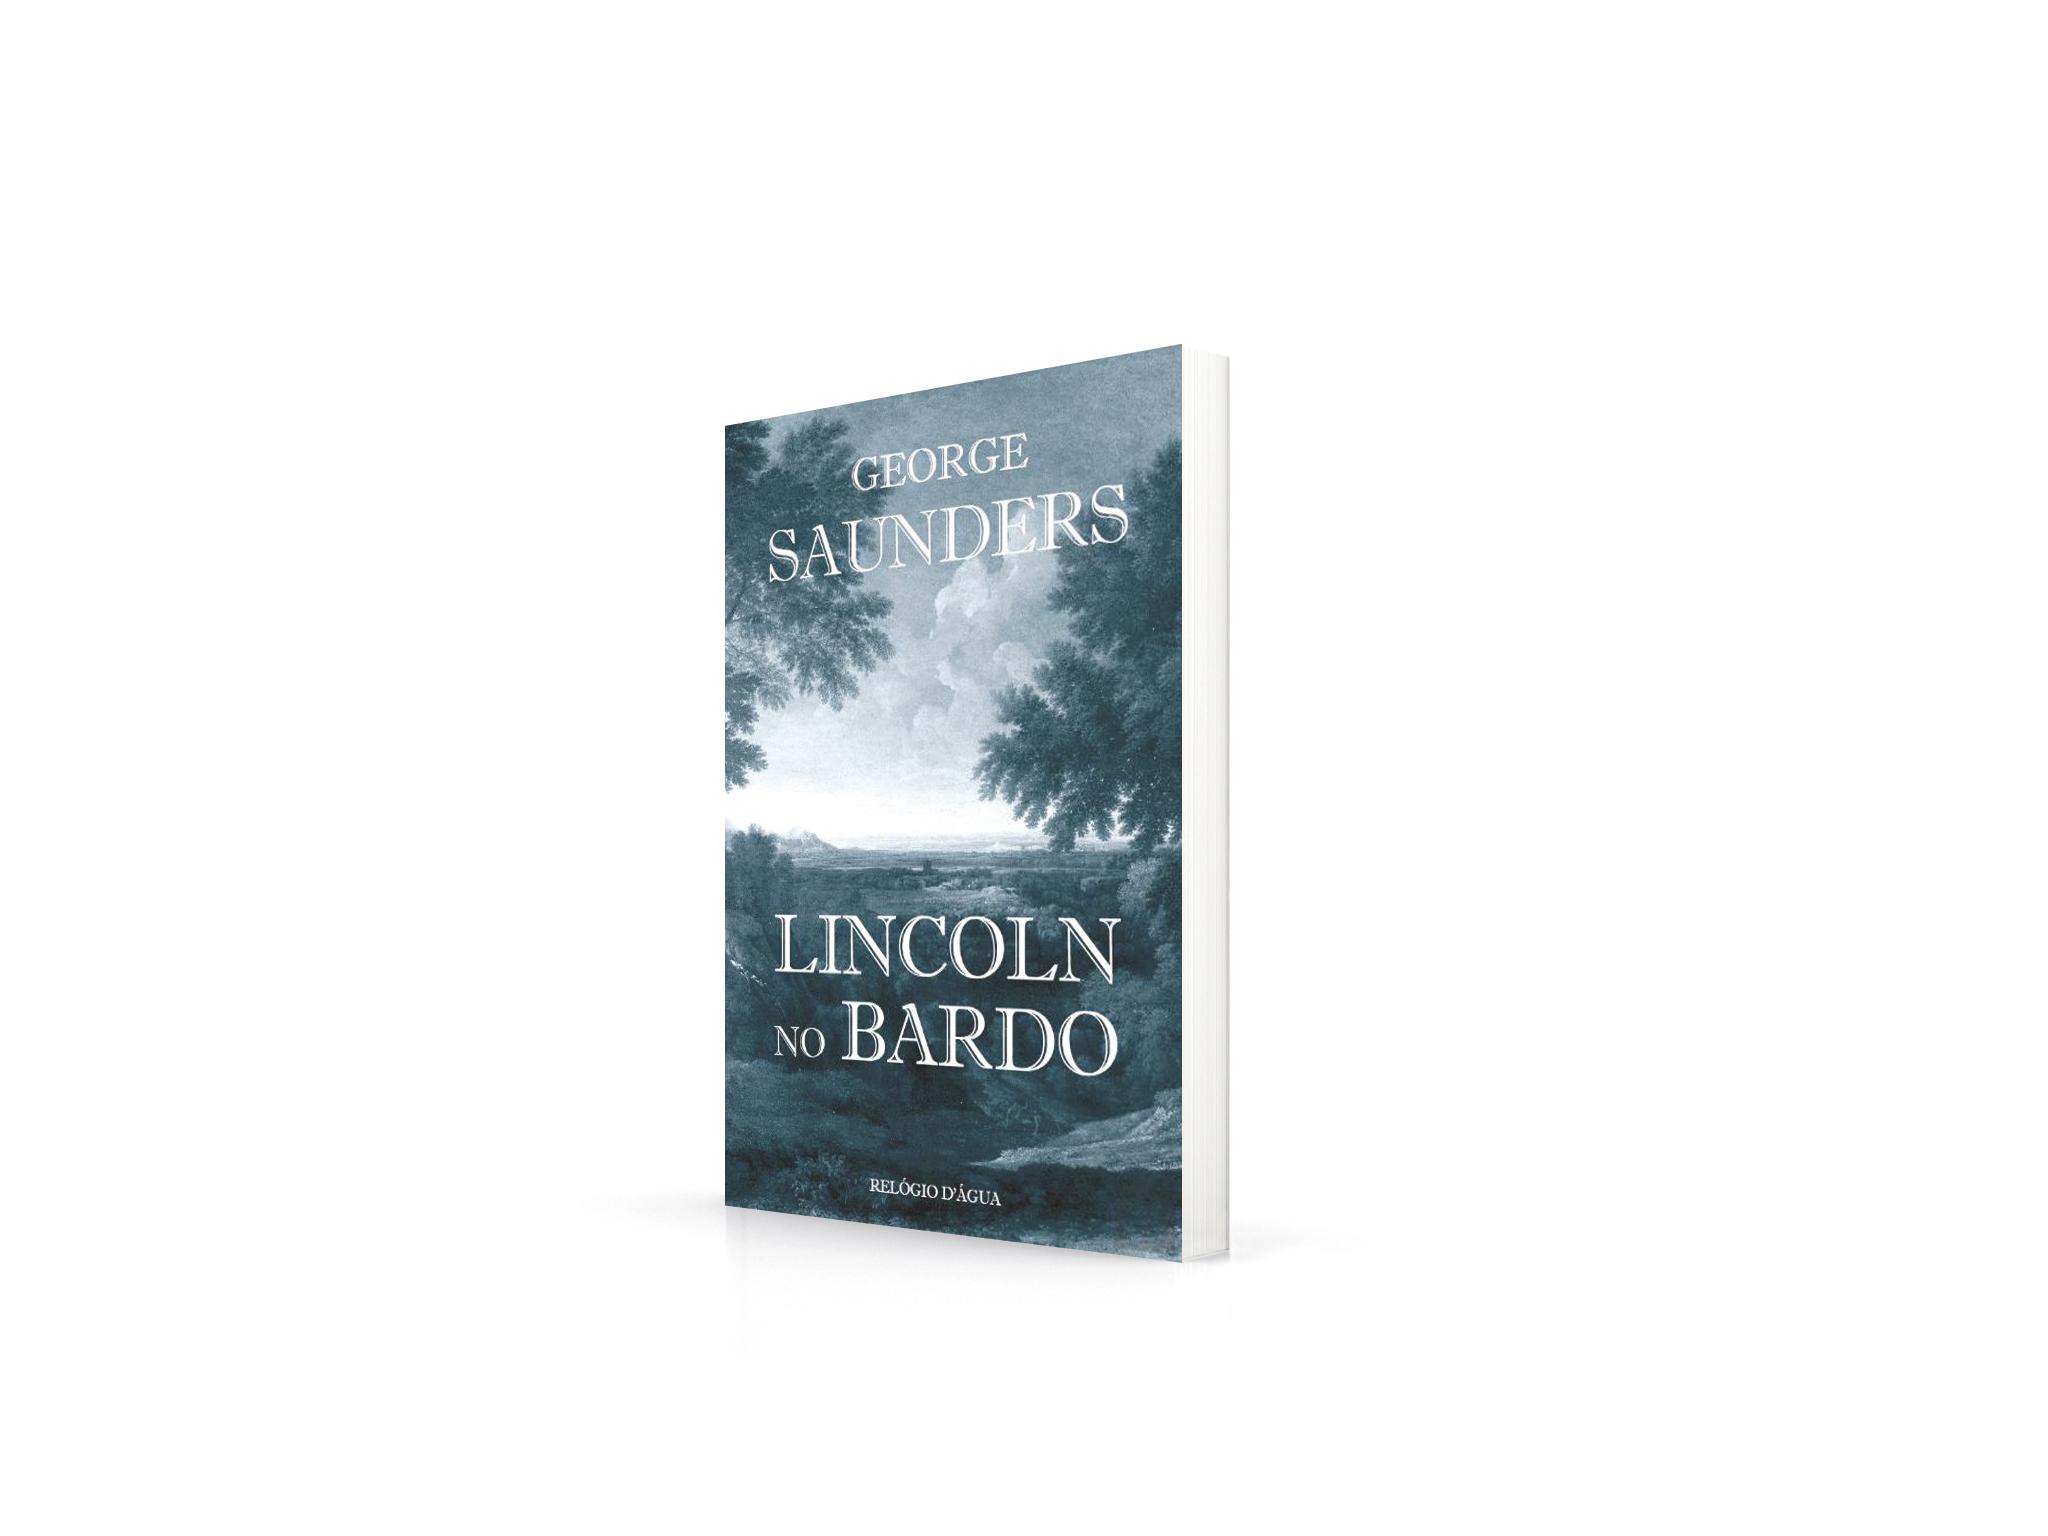 Lincoln no Bardo, de George Saunders